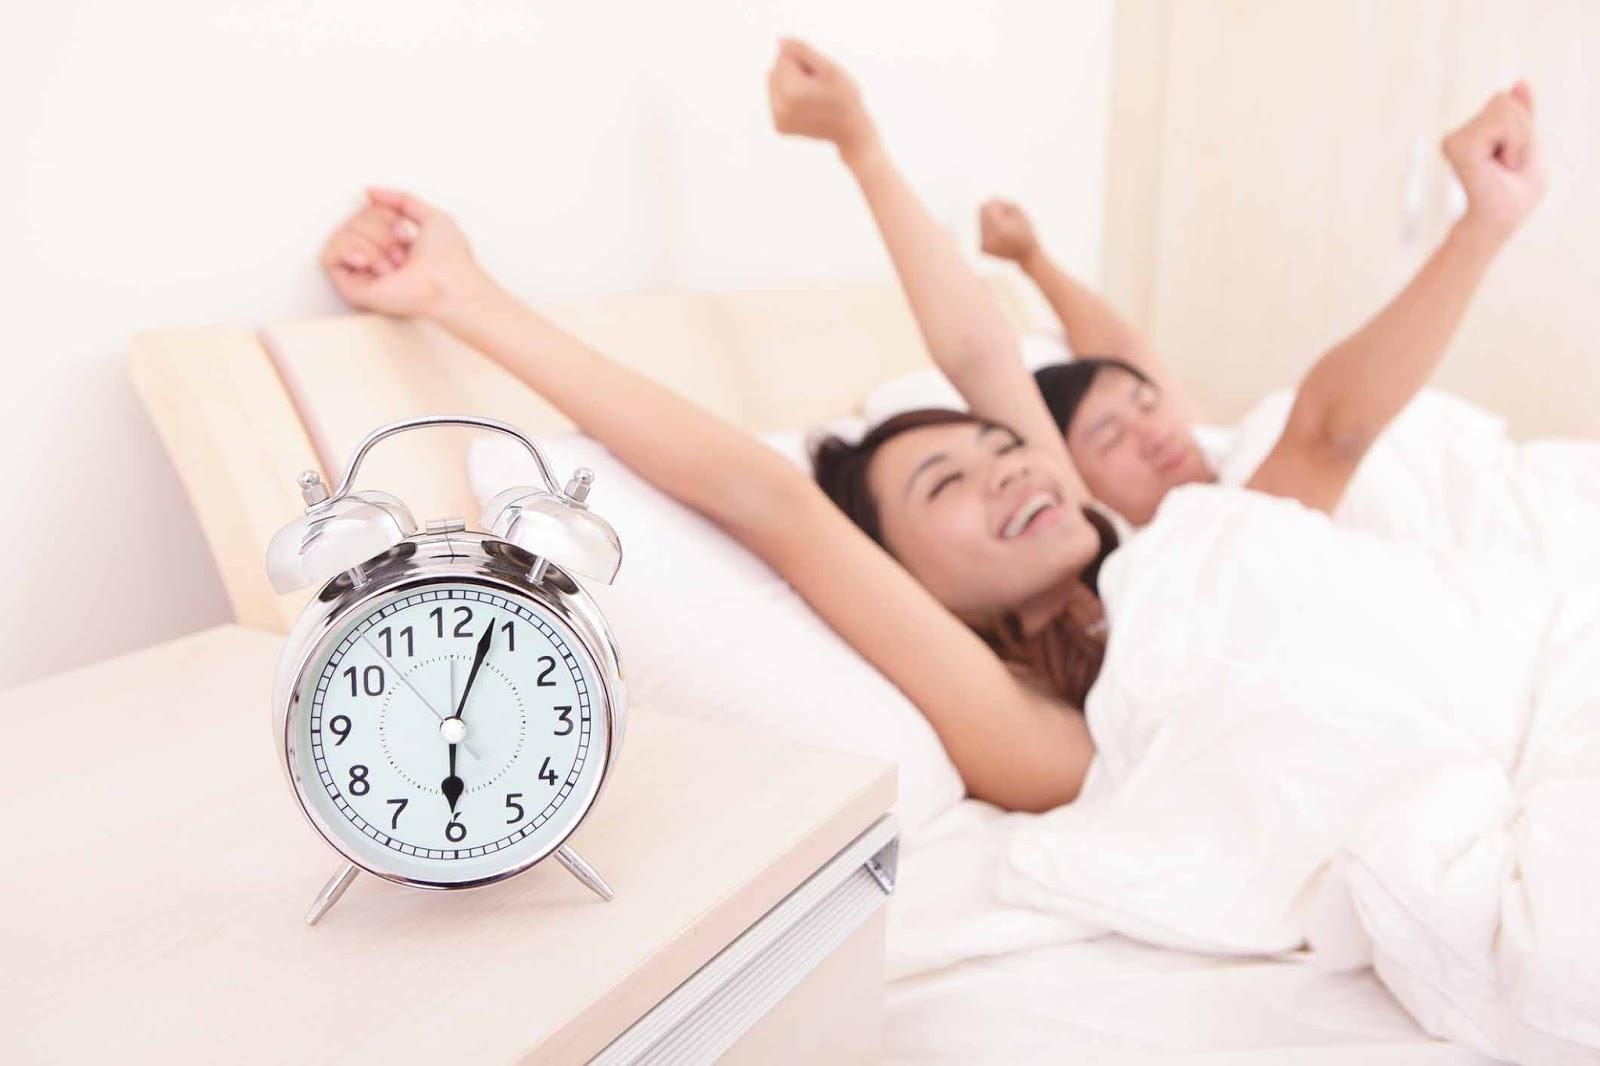 Chất lượng giấc ngủ ảnh hưởng đến chất lượng cuộc sống